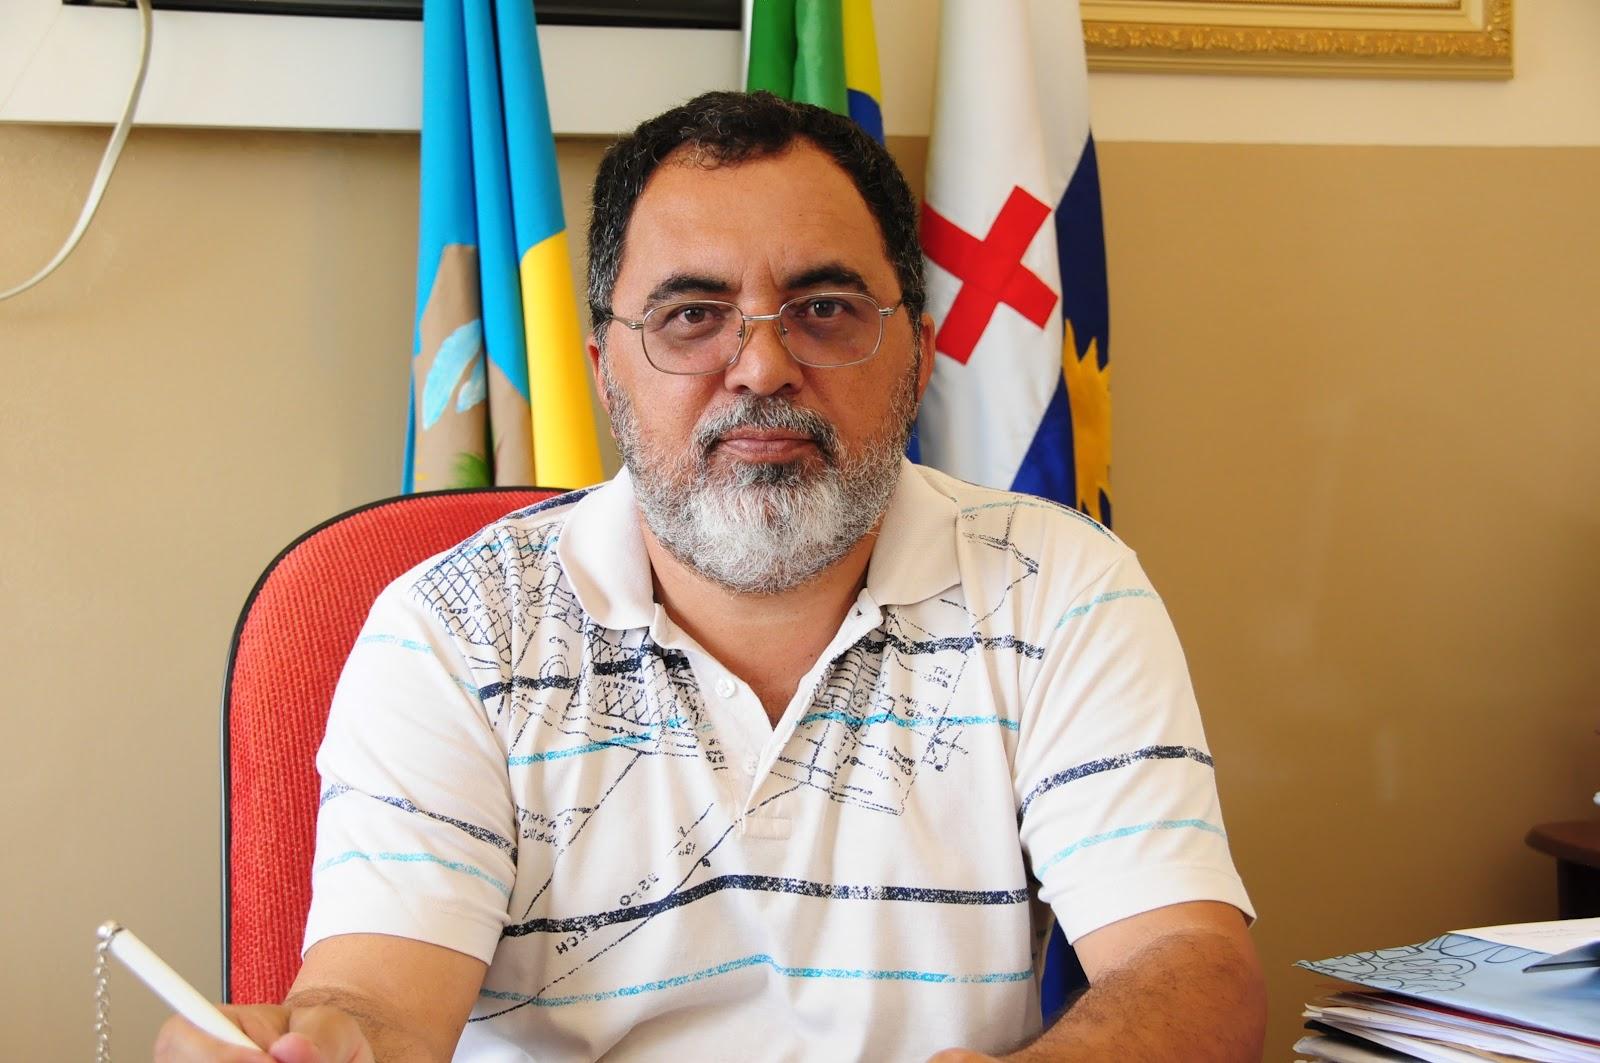 Resultado de imagem para anchieta patriota carnaiba